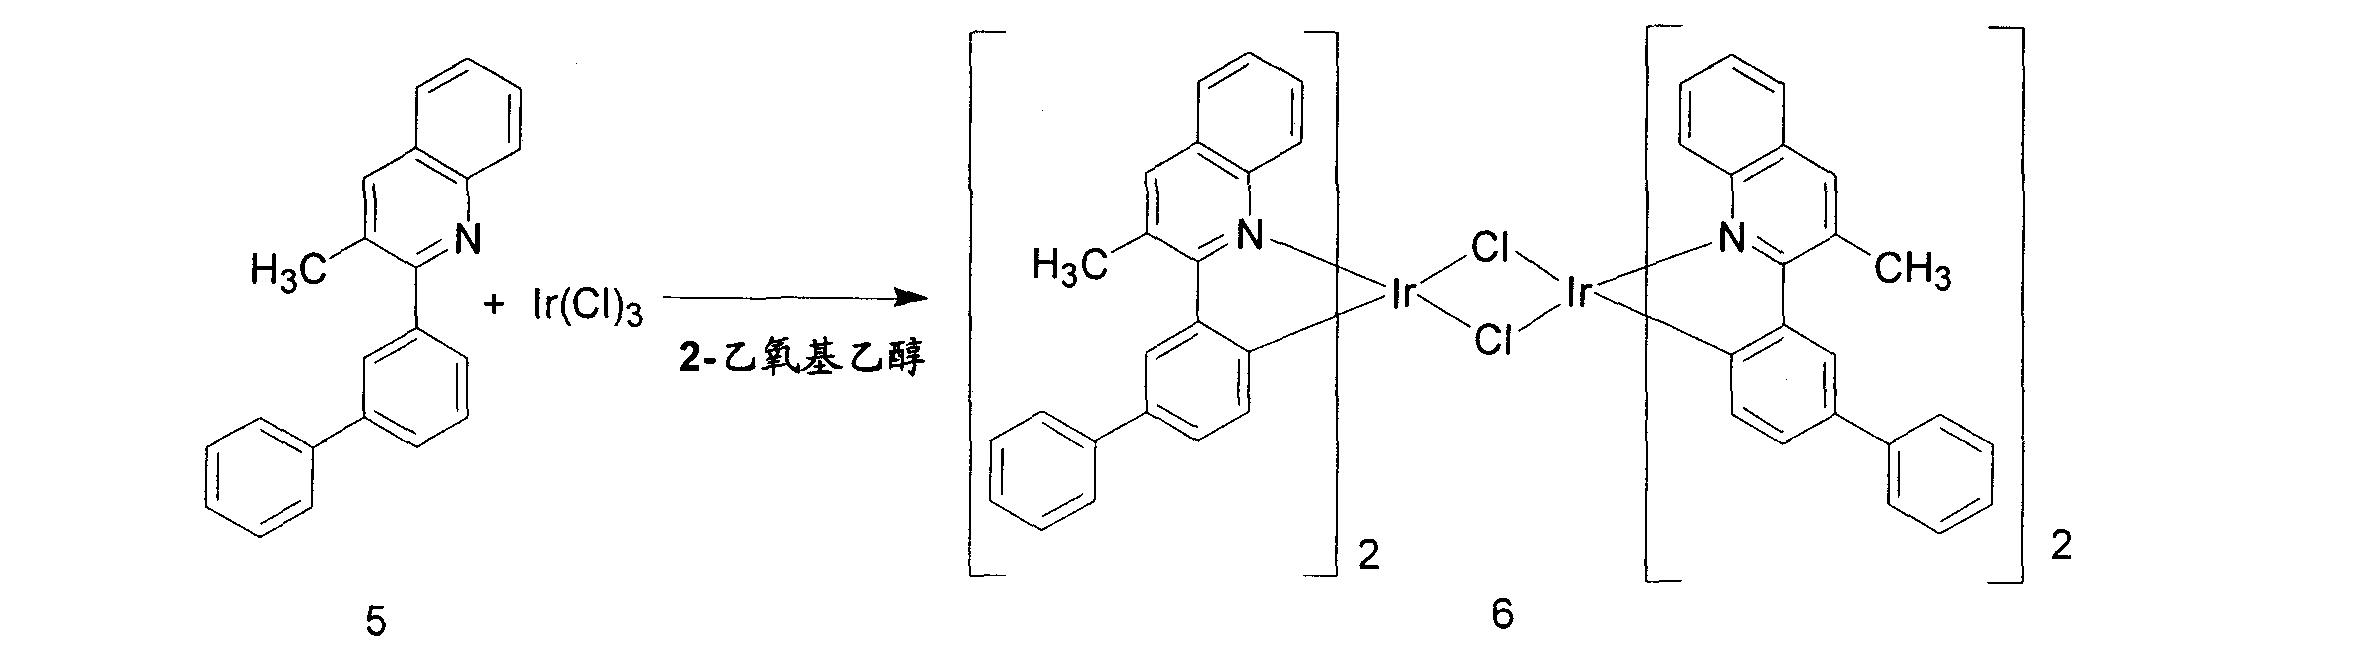 Figure CN1922284BD00272